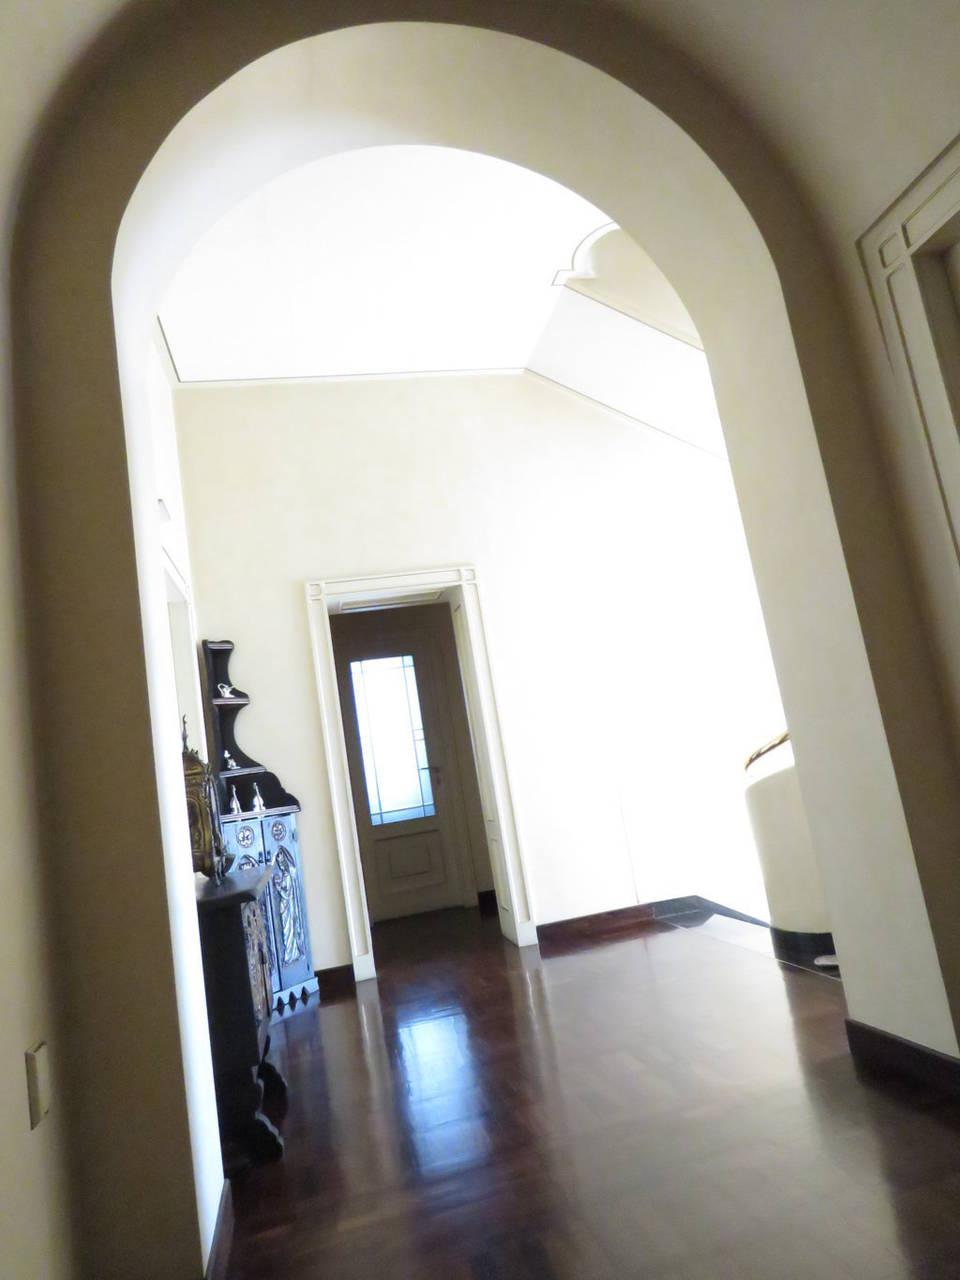 Villa-Epoca-di-pregio-in-vendita-a-Monza-28